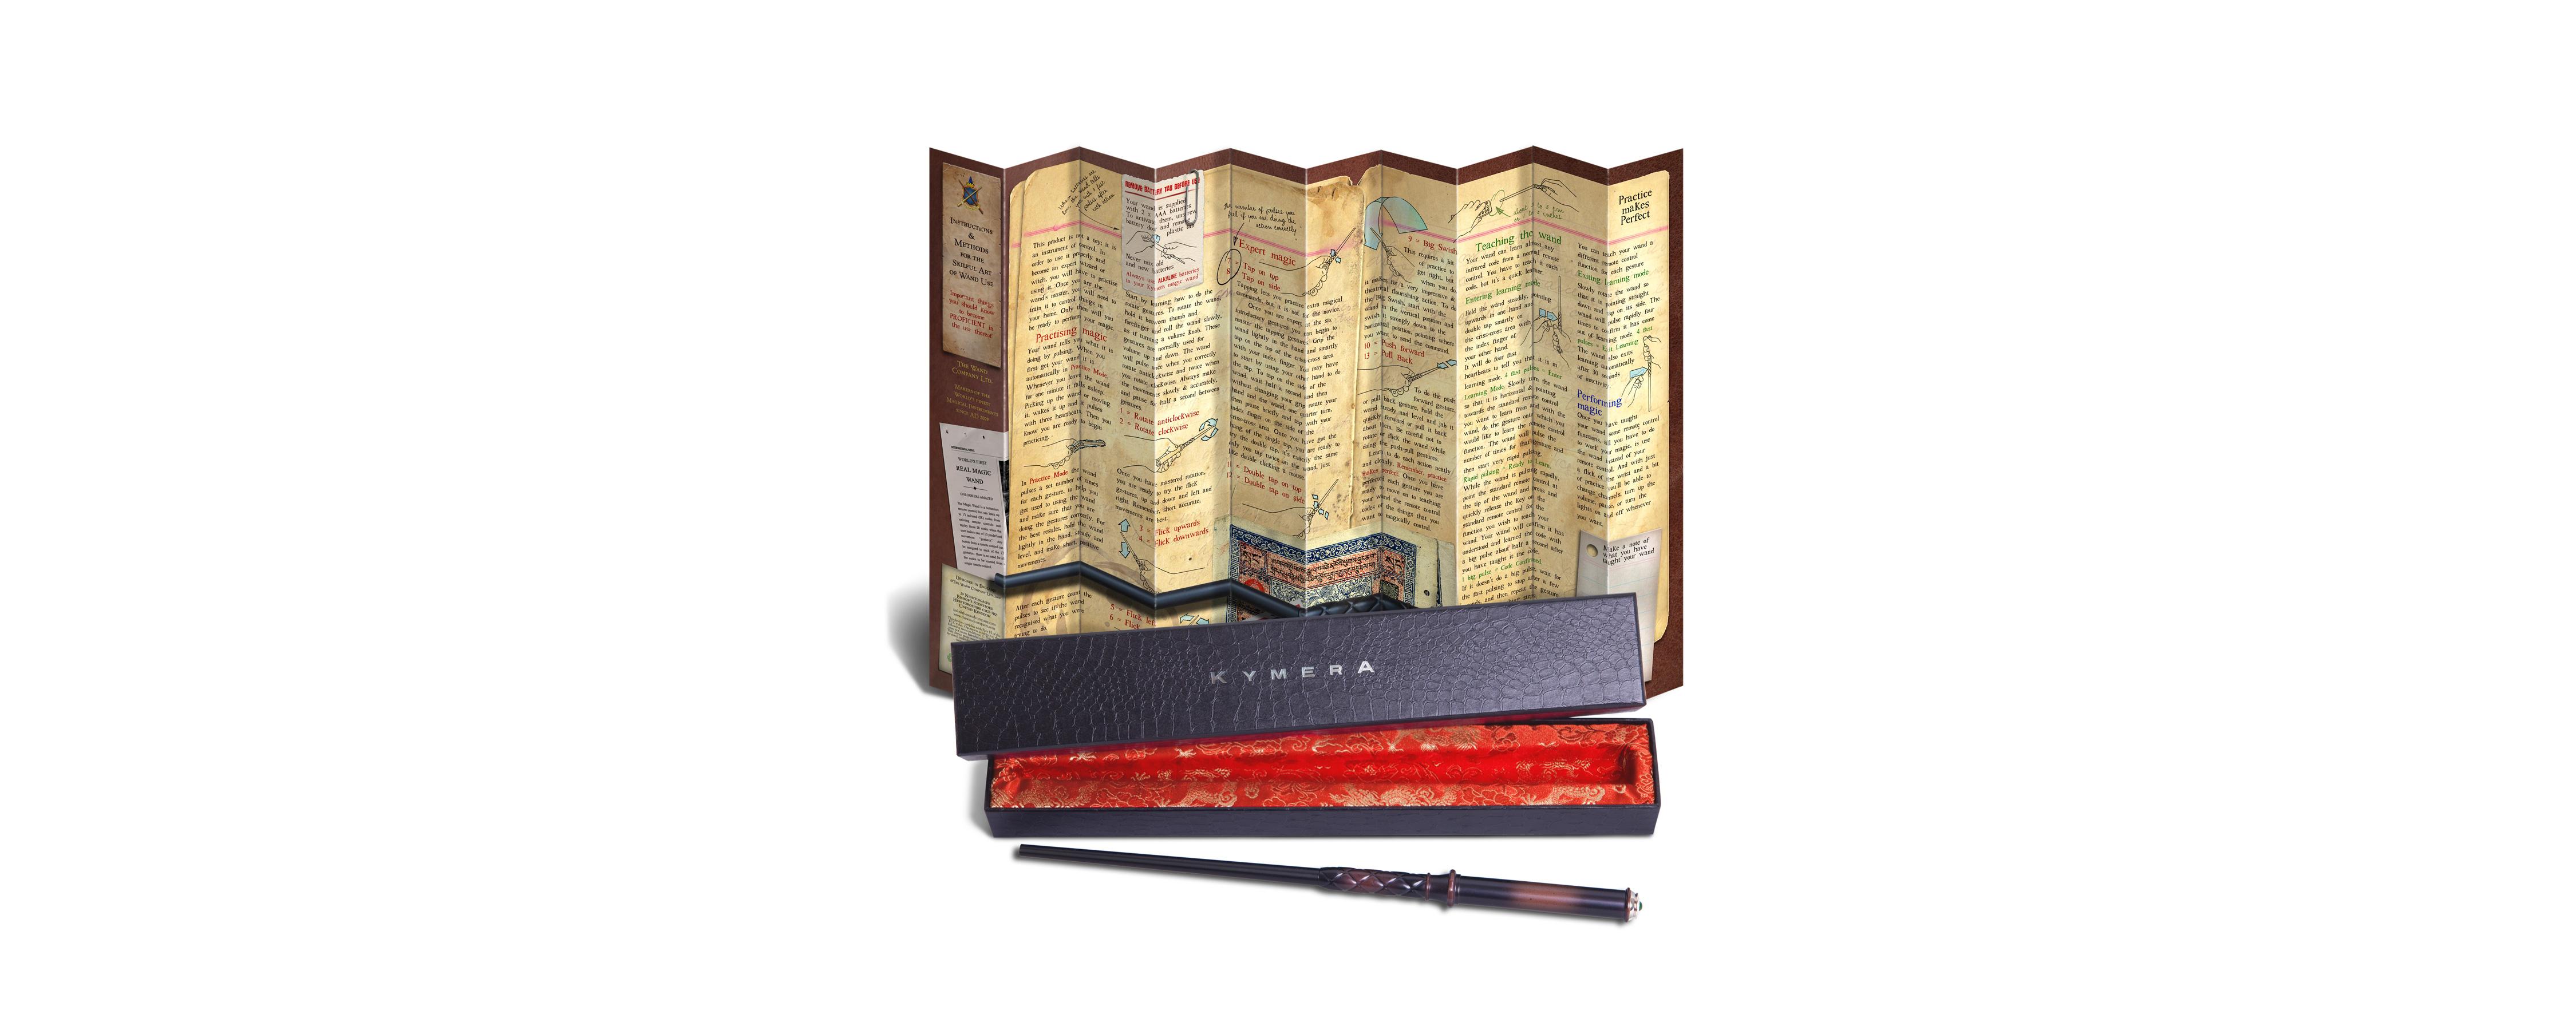 Kymera Wand box and manual